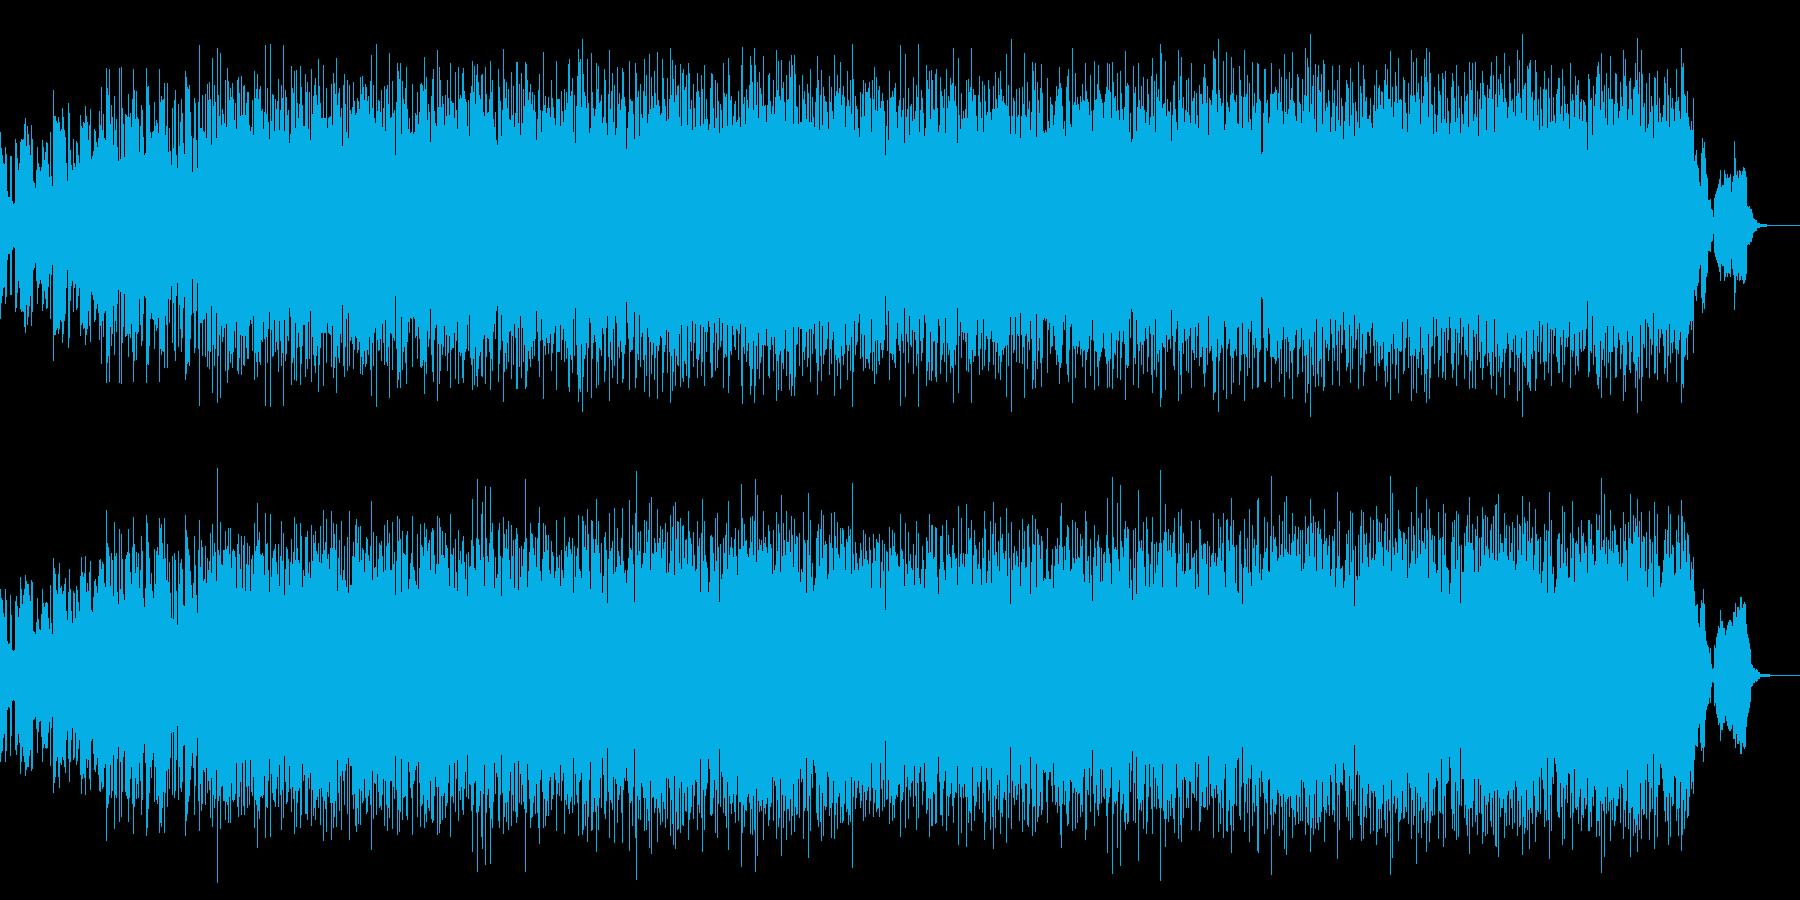 エルフの歌姫をイメージした架空の曲の再生済みの波形